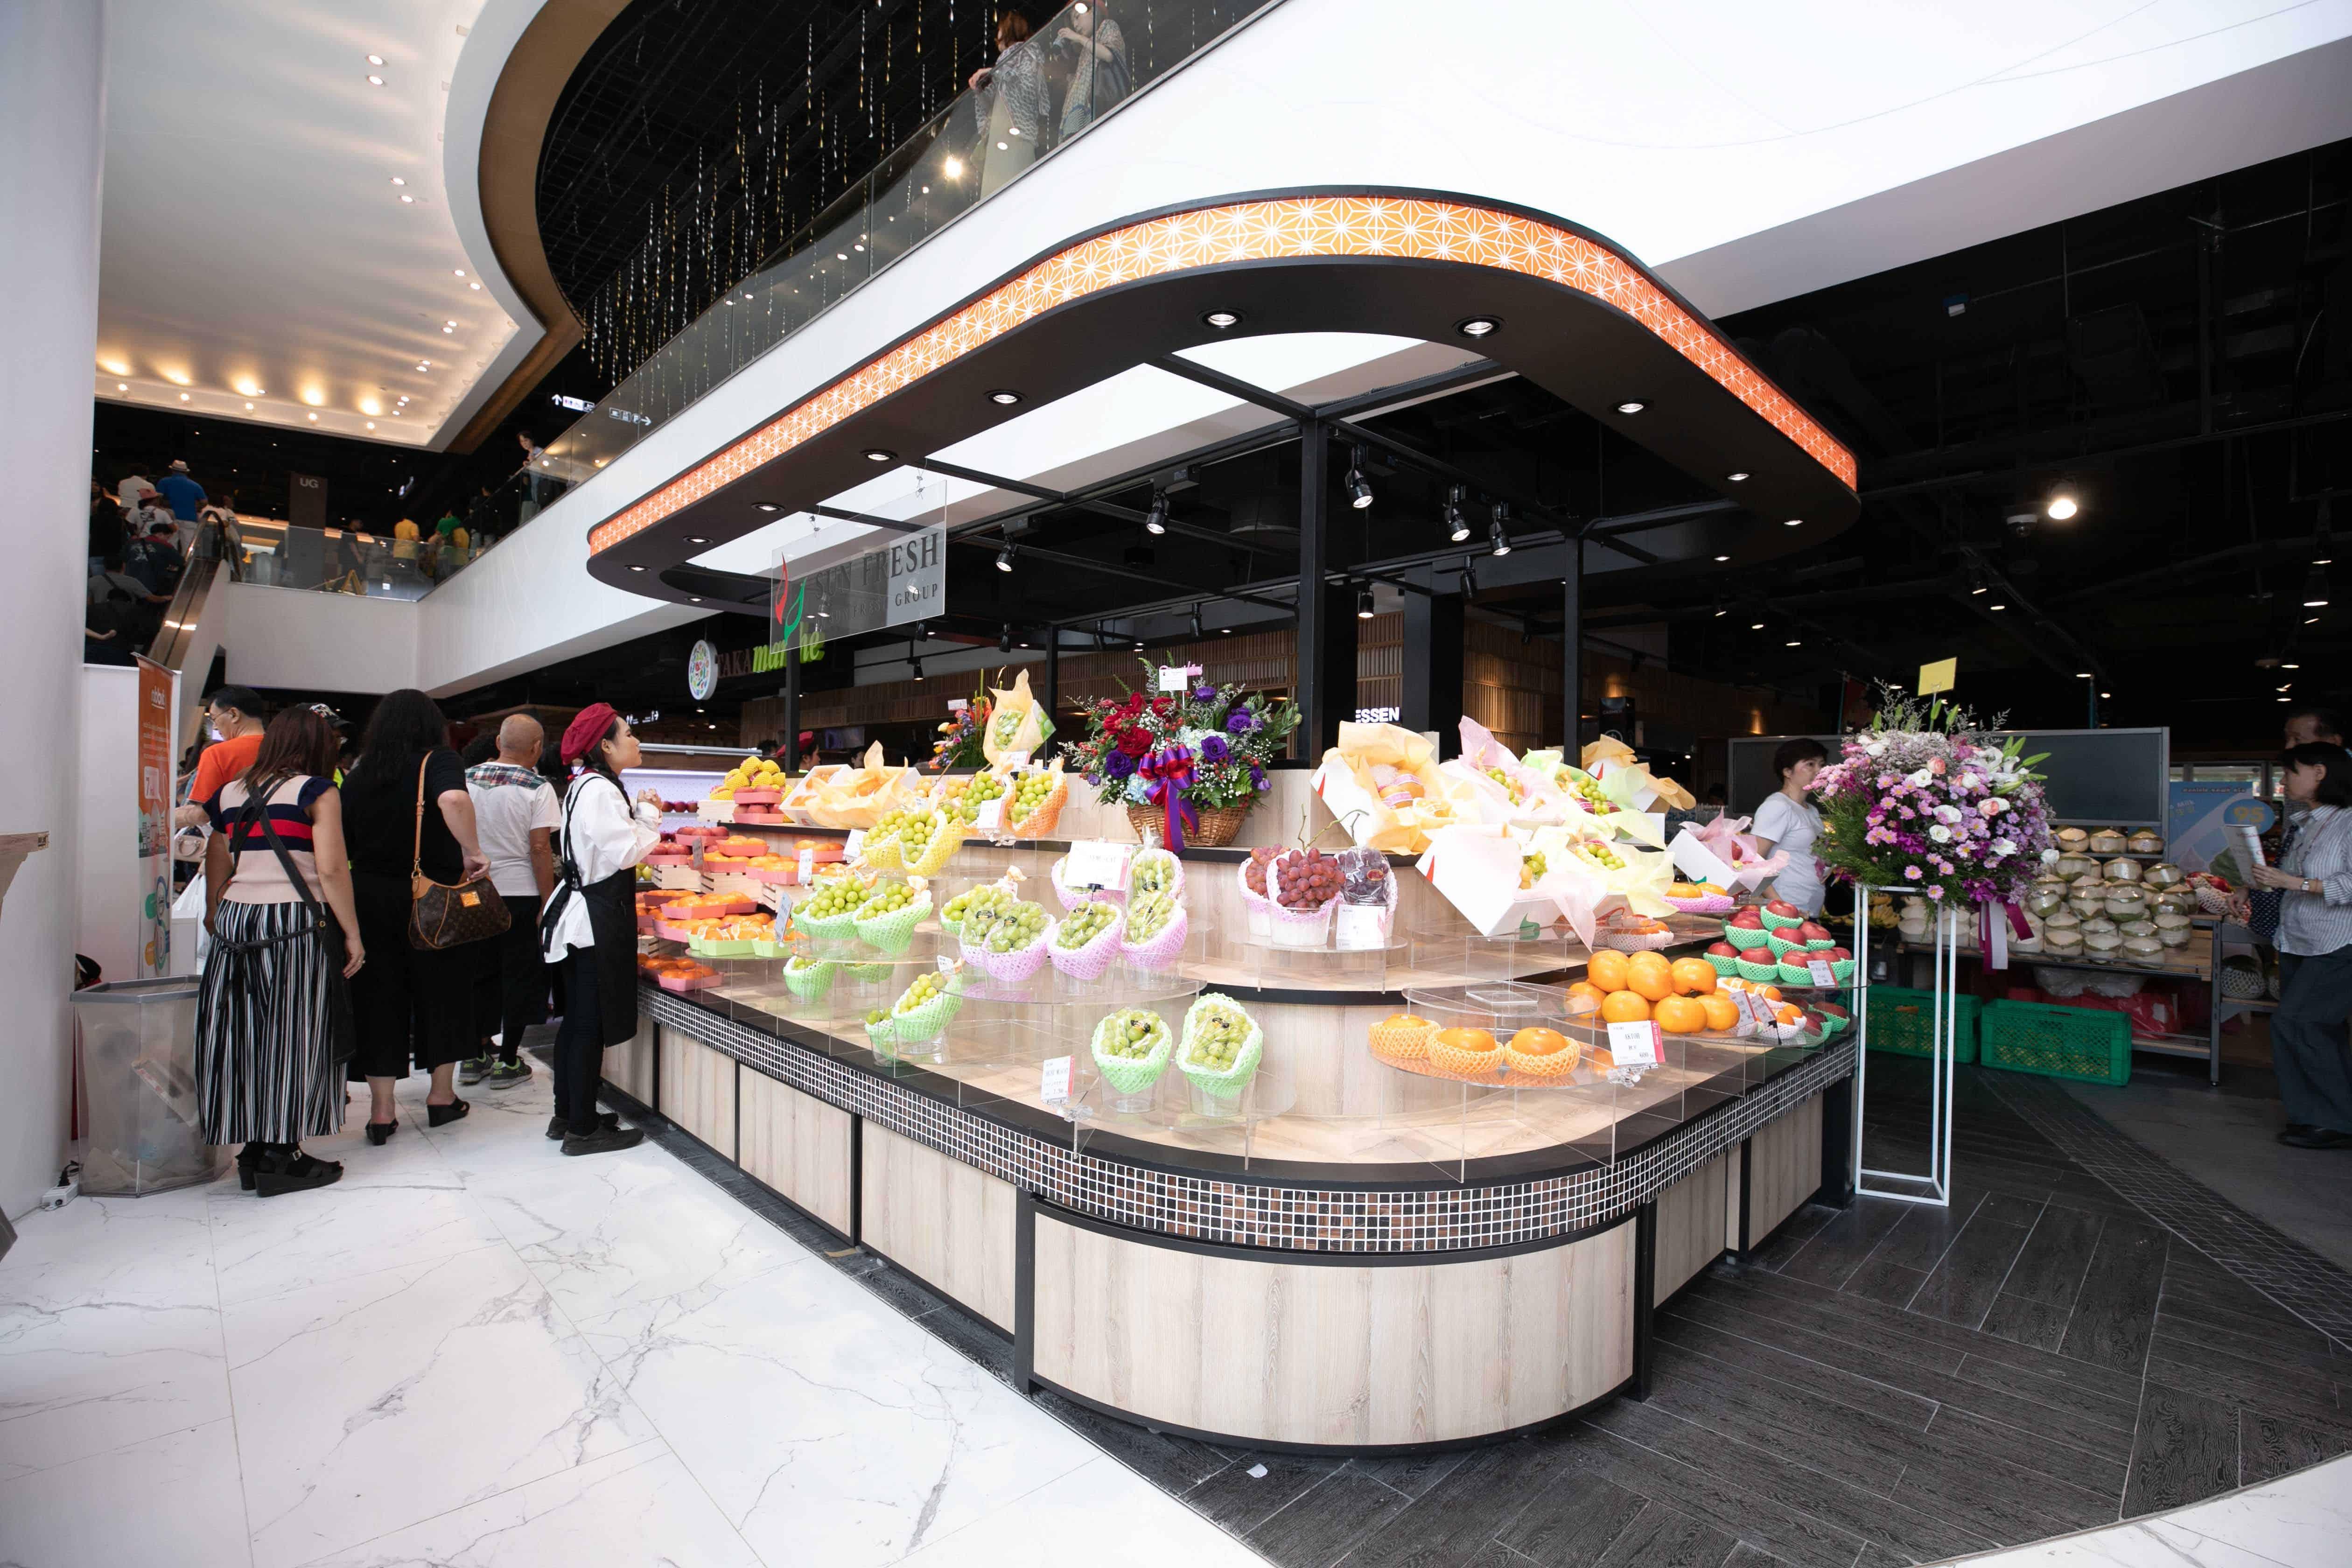 ชั้น G แผนกอาหารญี่ปุ่นที่ห้างสยามทาคาชิมายะ (Siam Takashimaya)